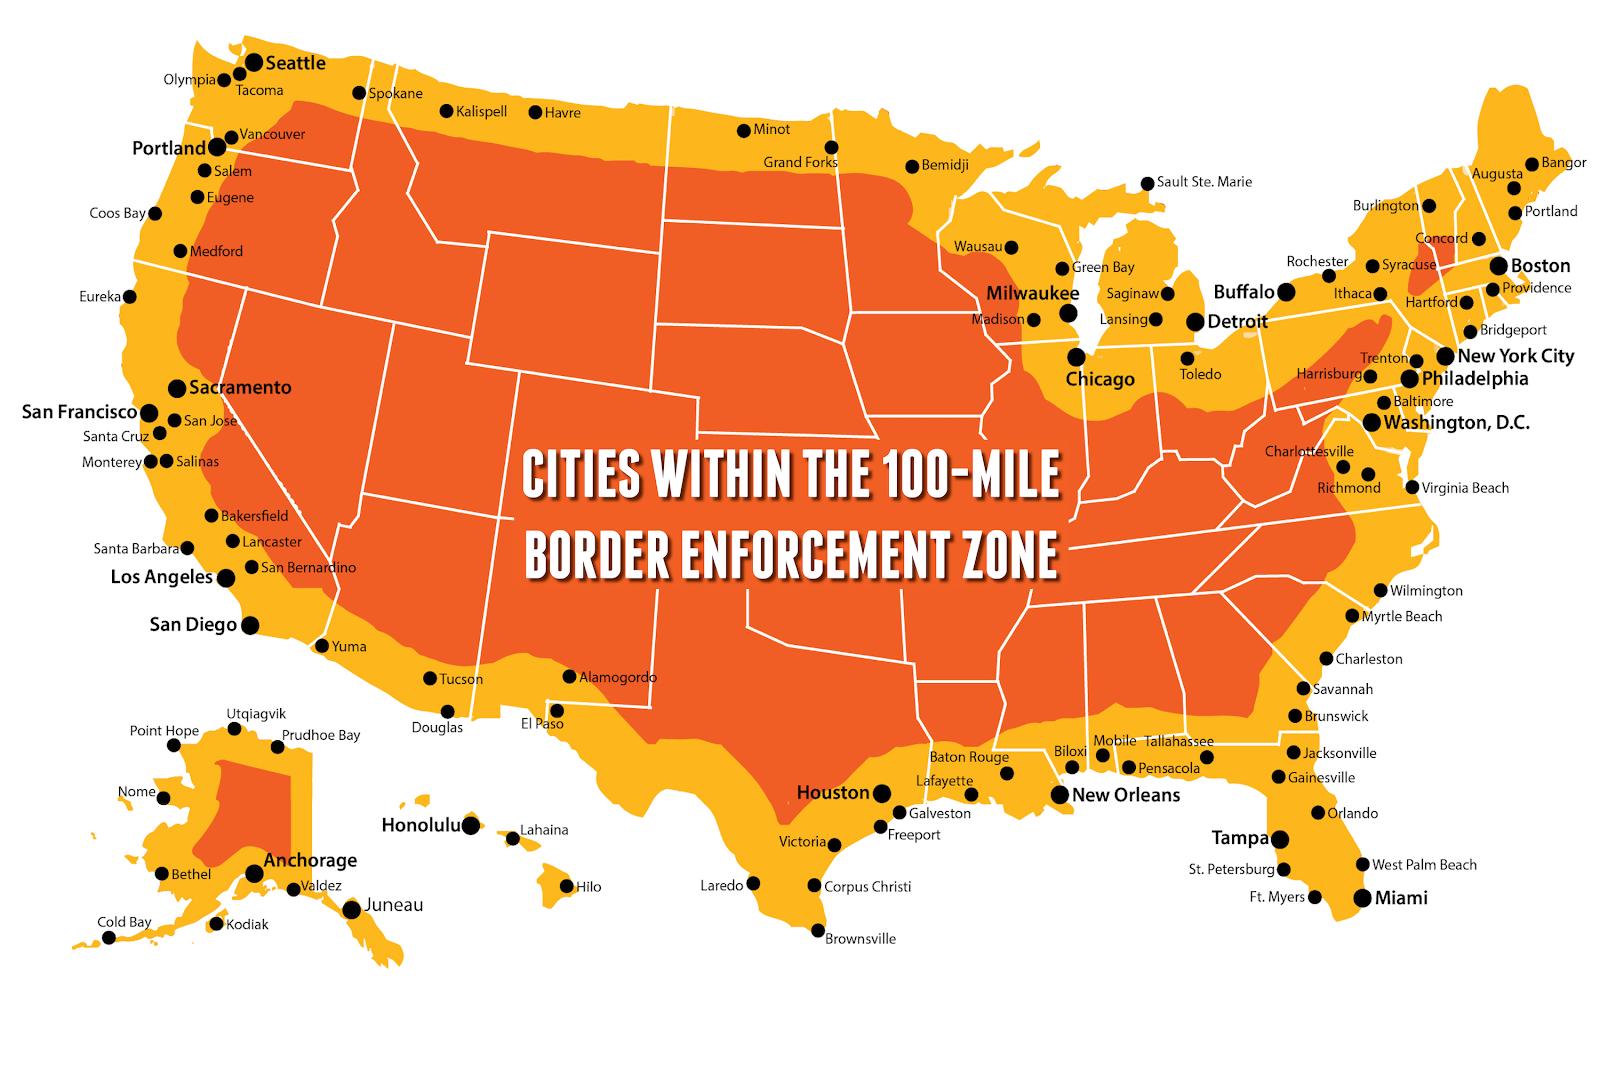 100-mile border enforcement zone